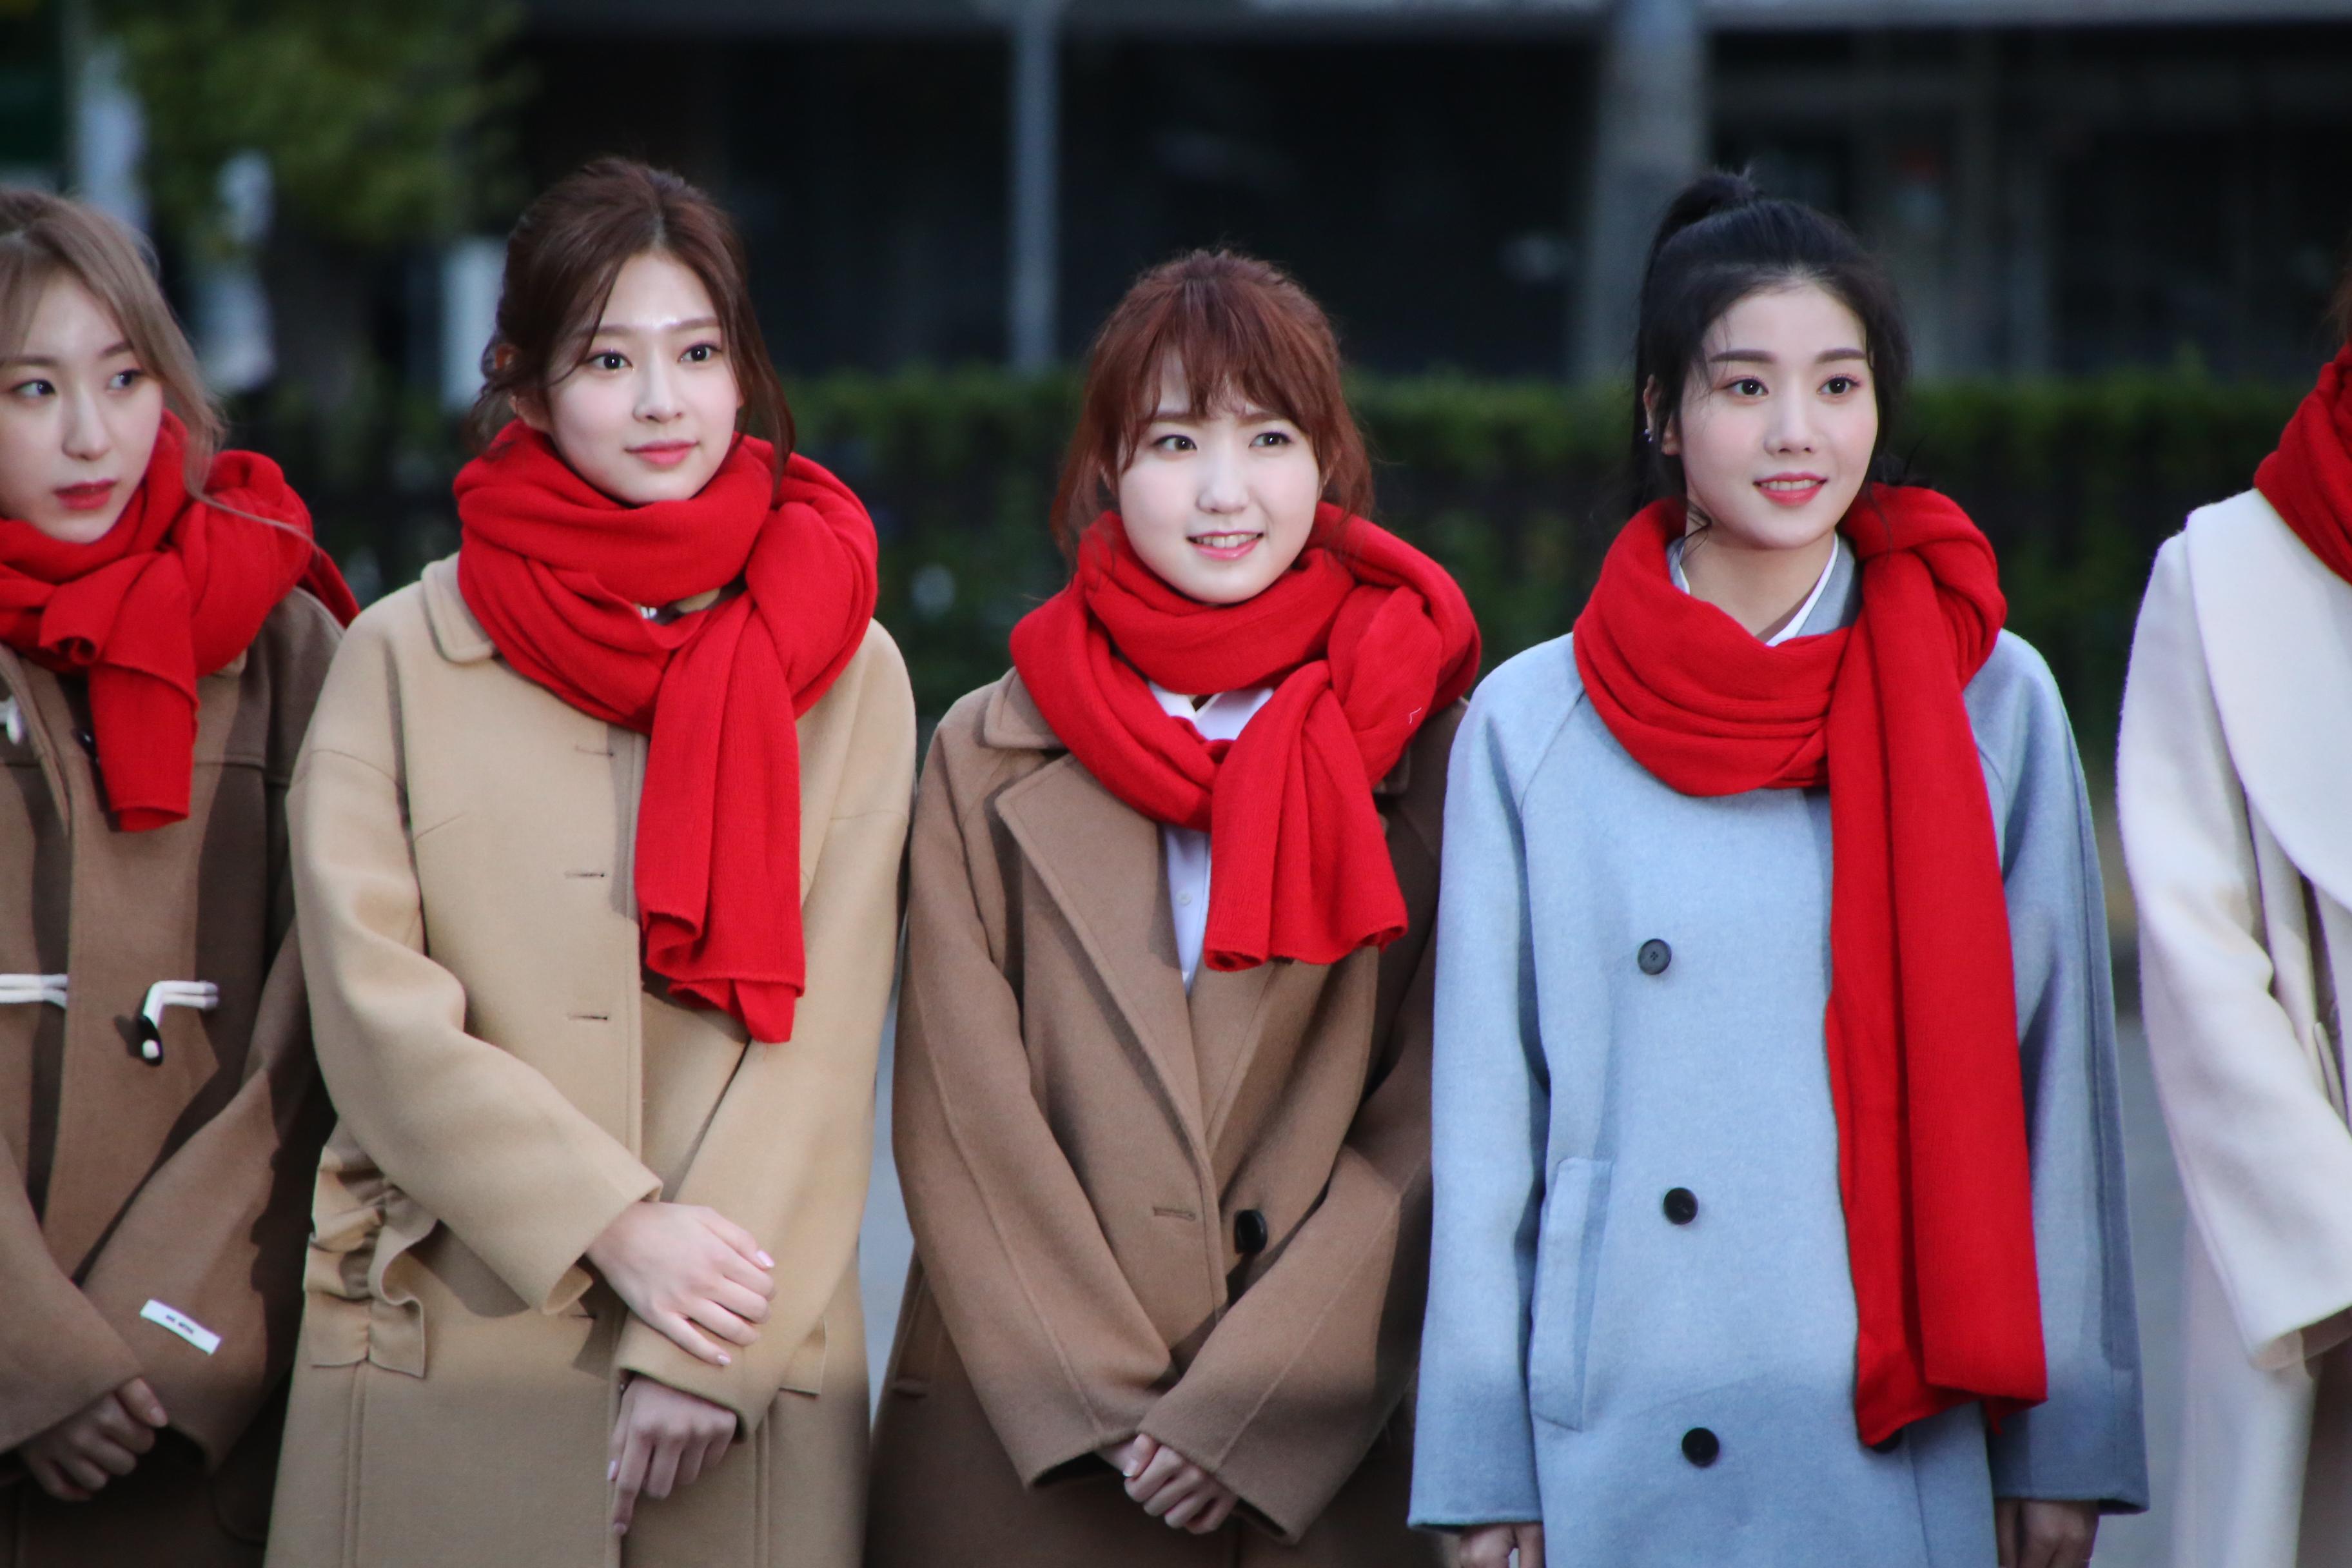 本田仁美(右から2番目)